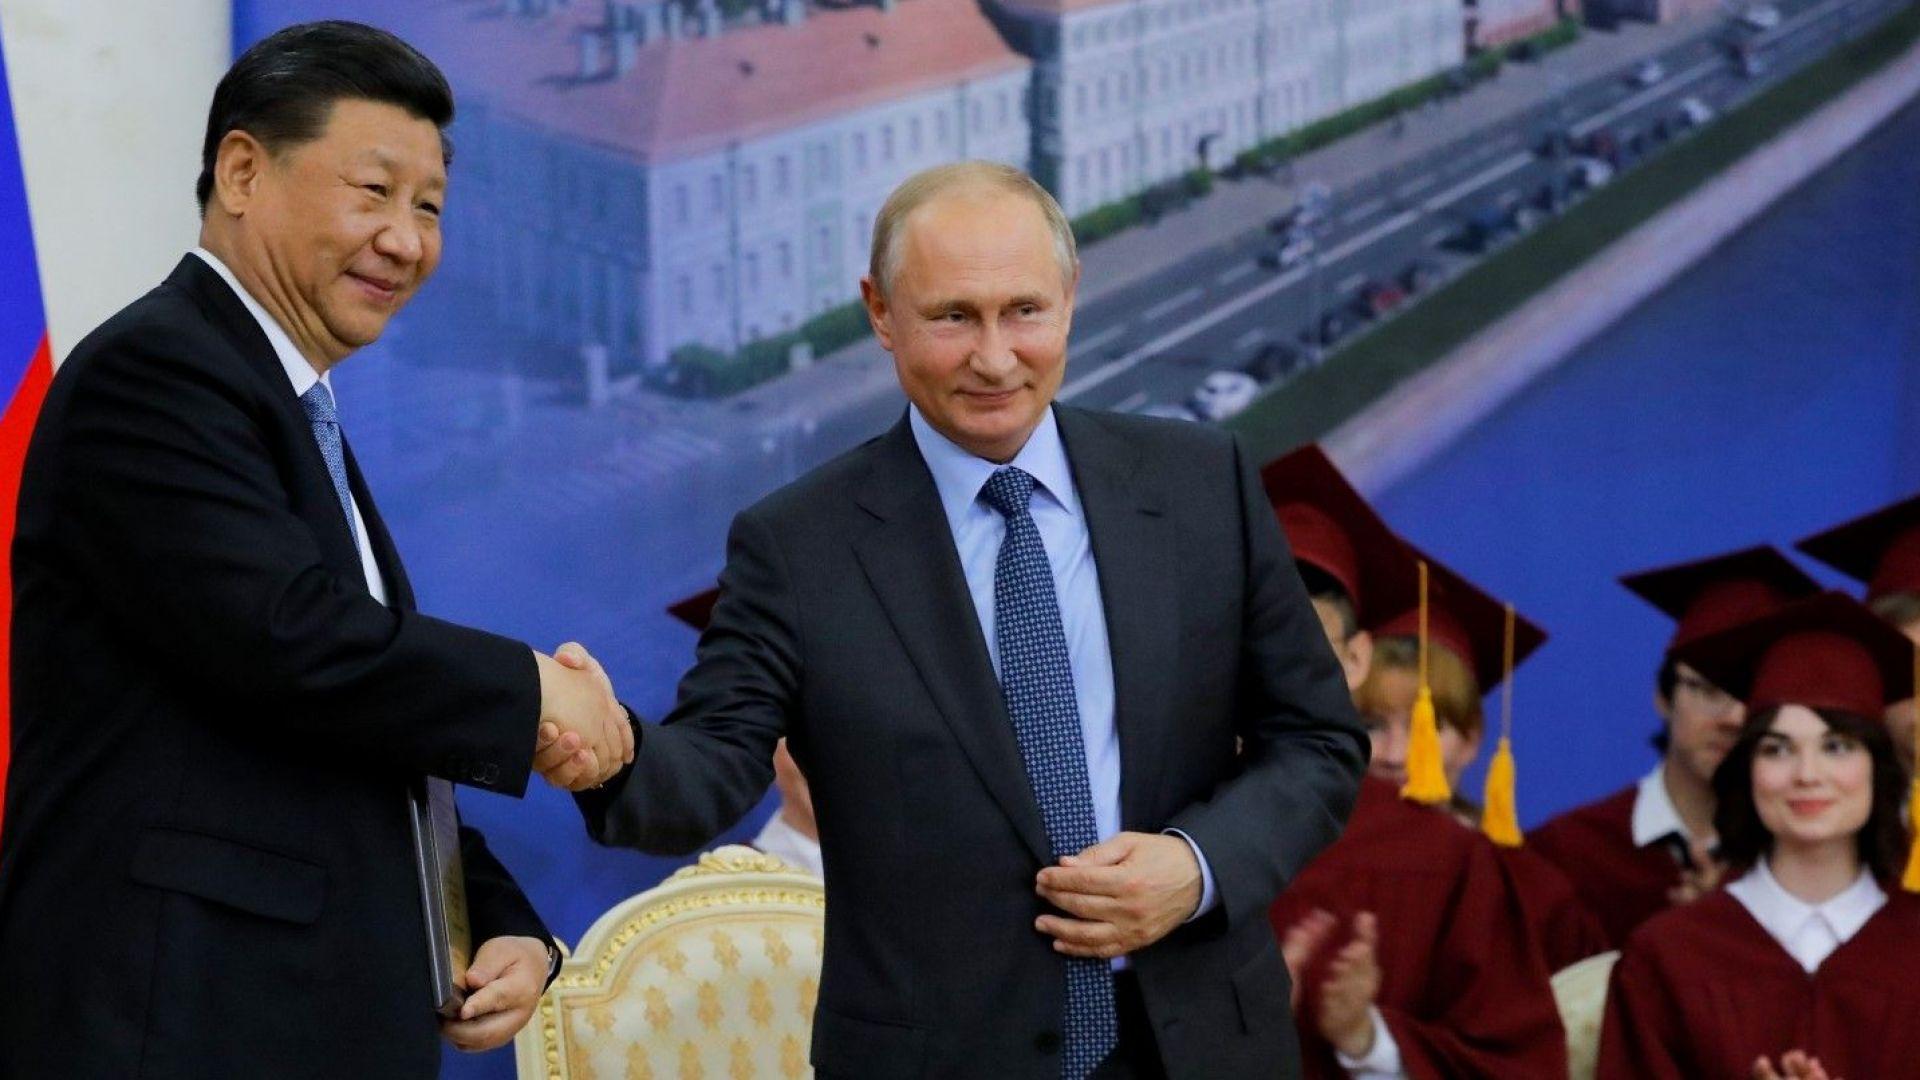 Си на червения килим: чакат се огромни китайски инвестиции в Русия